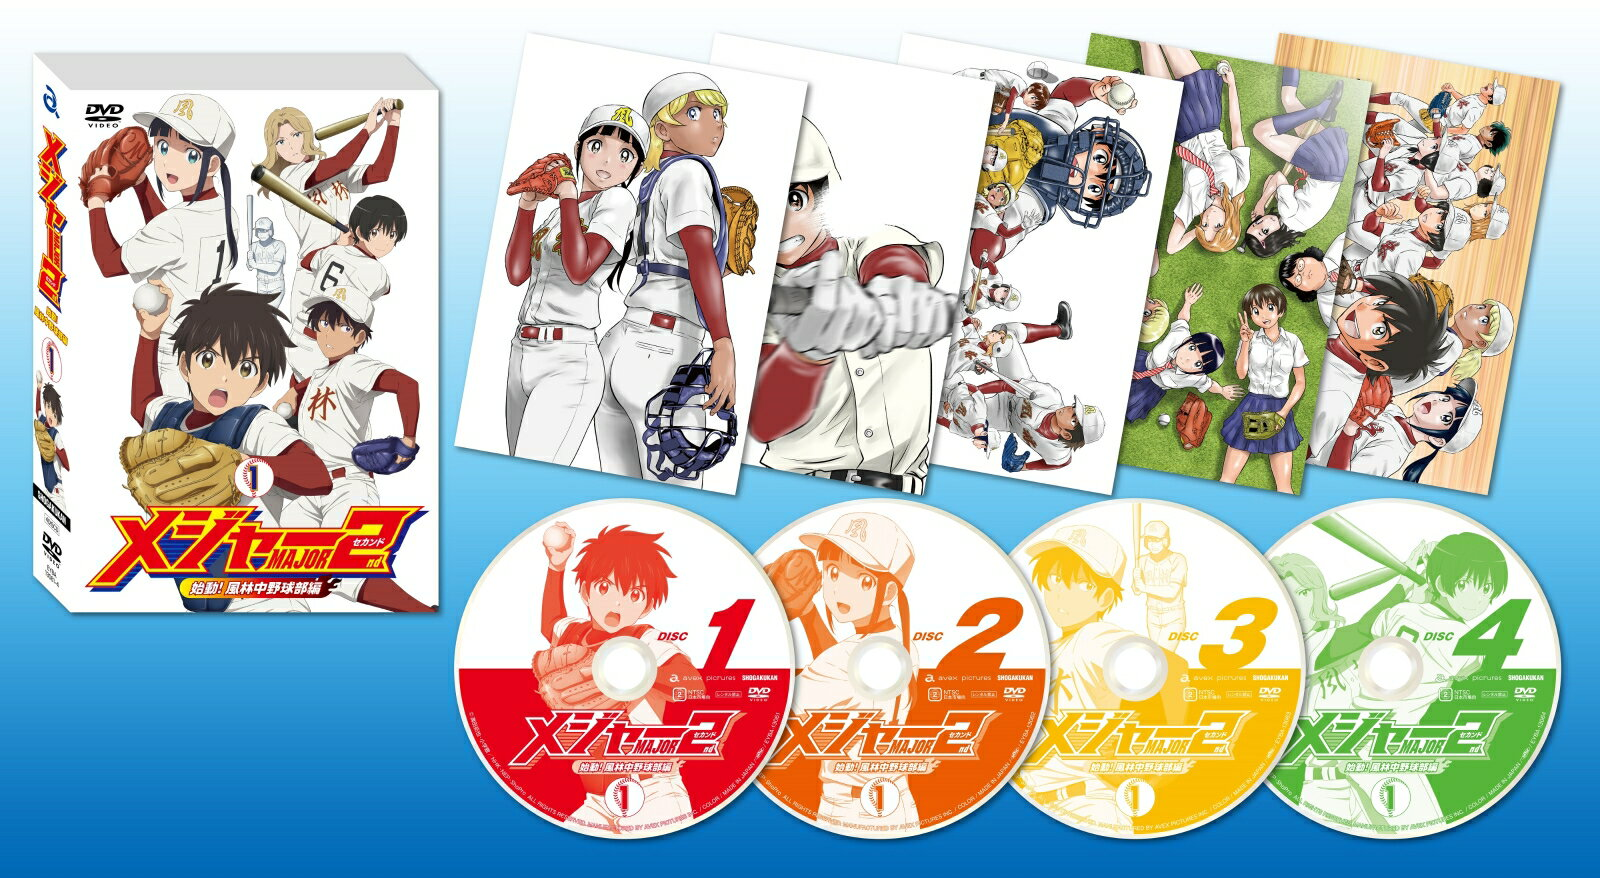 メジャーセカンド始動!風林中野球部編 DVD BOX Vol.1画像